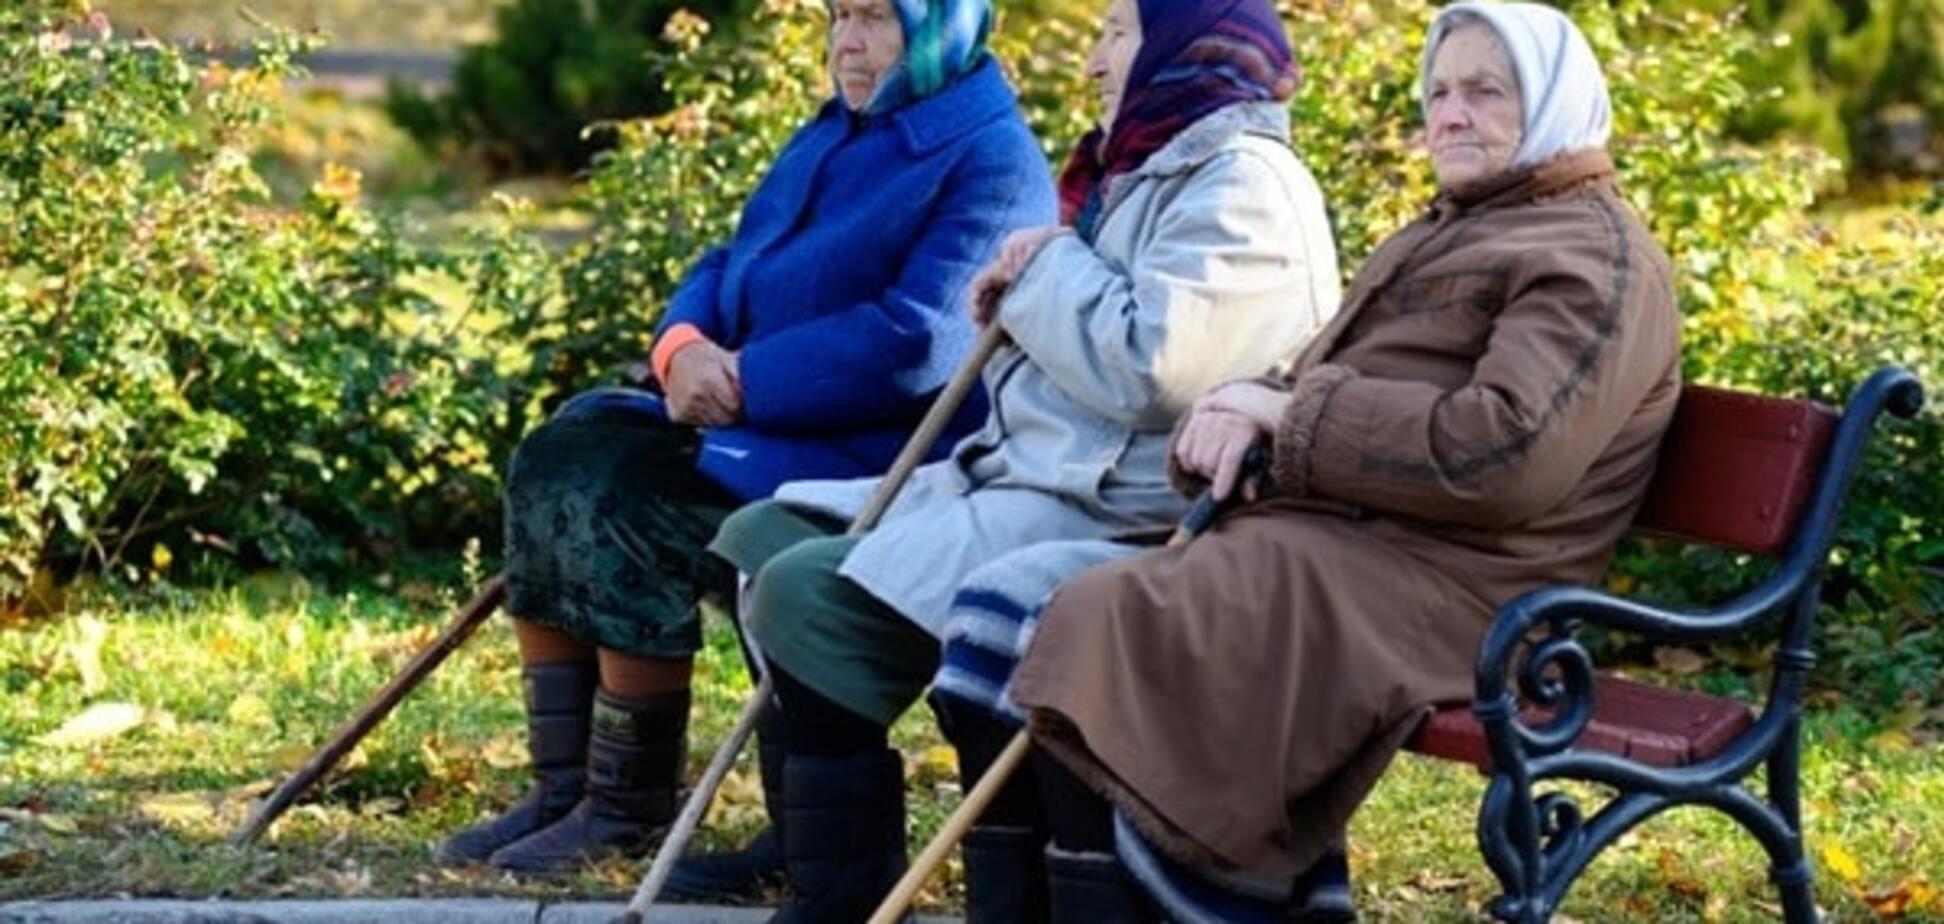 Соціальна криза: Україна скоро не зможе виплачувати пенсії